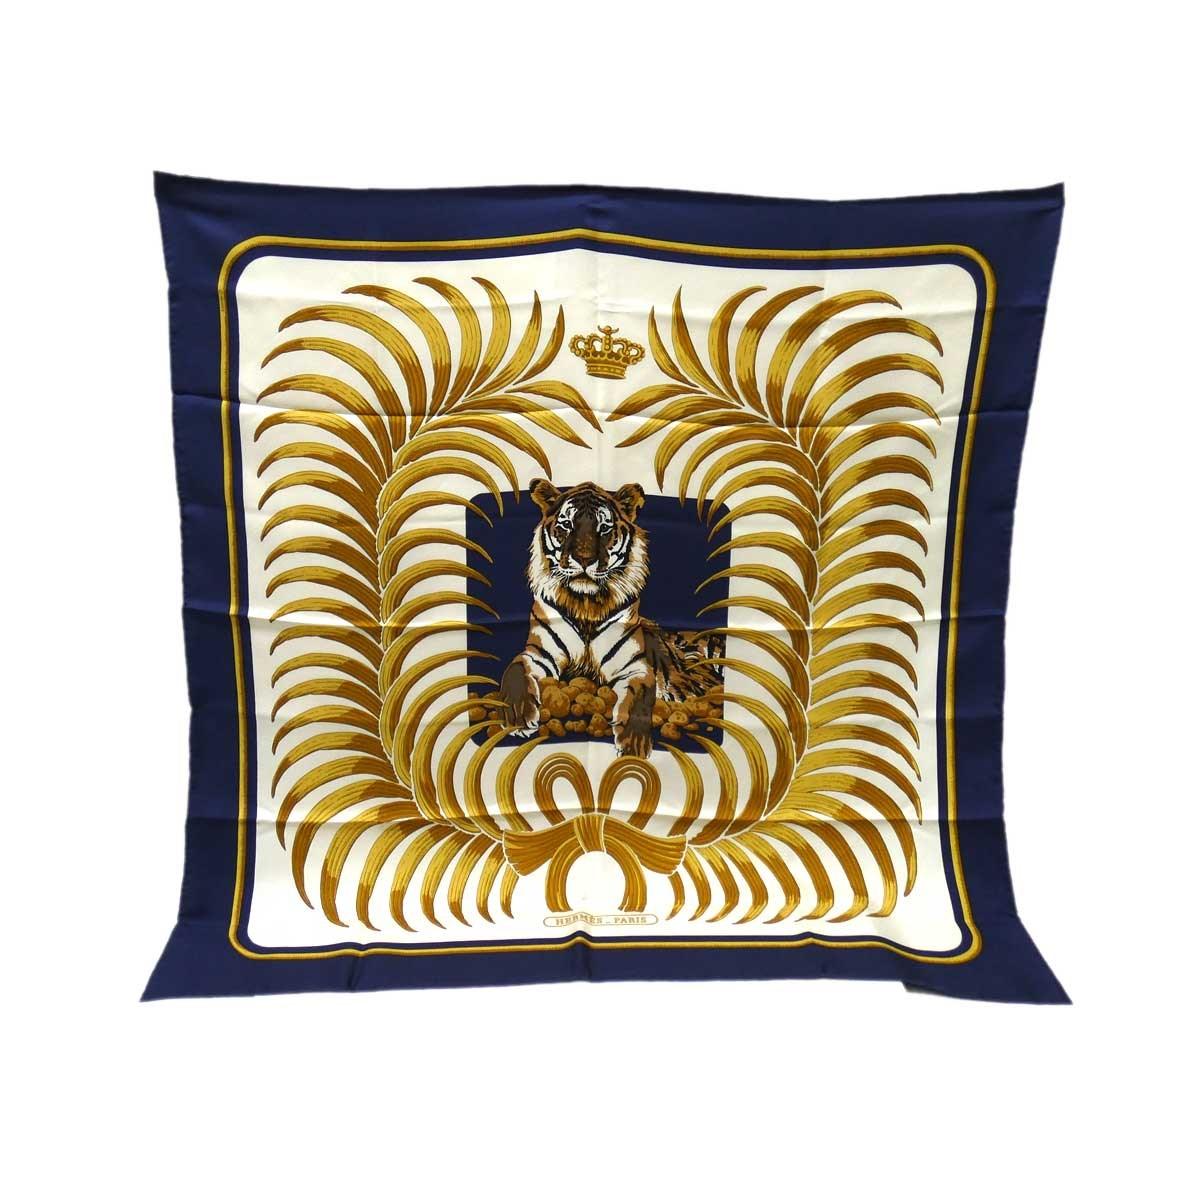 【中古】HERMES カレ90 シルクスカーフ TIGRE ROYAL(王者の虎) ホワイト×ネイビー 【201219】(エルメス)